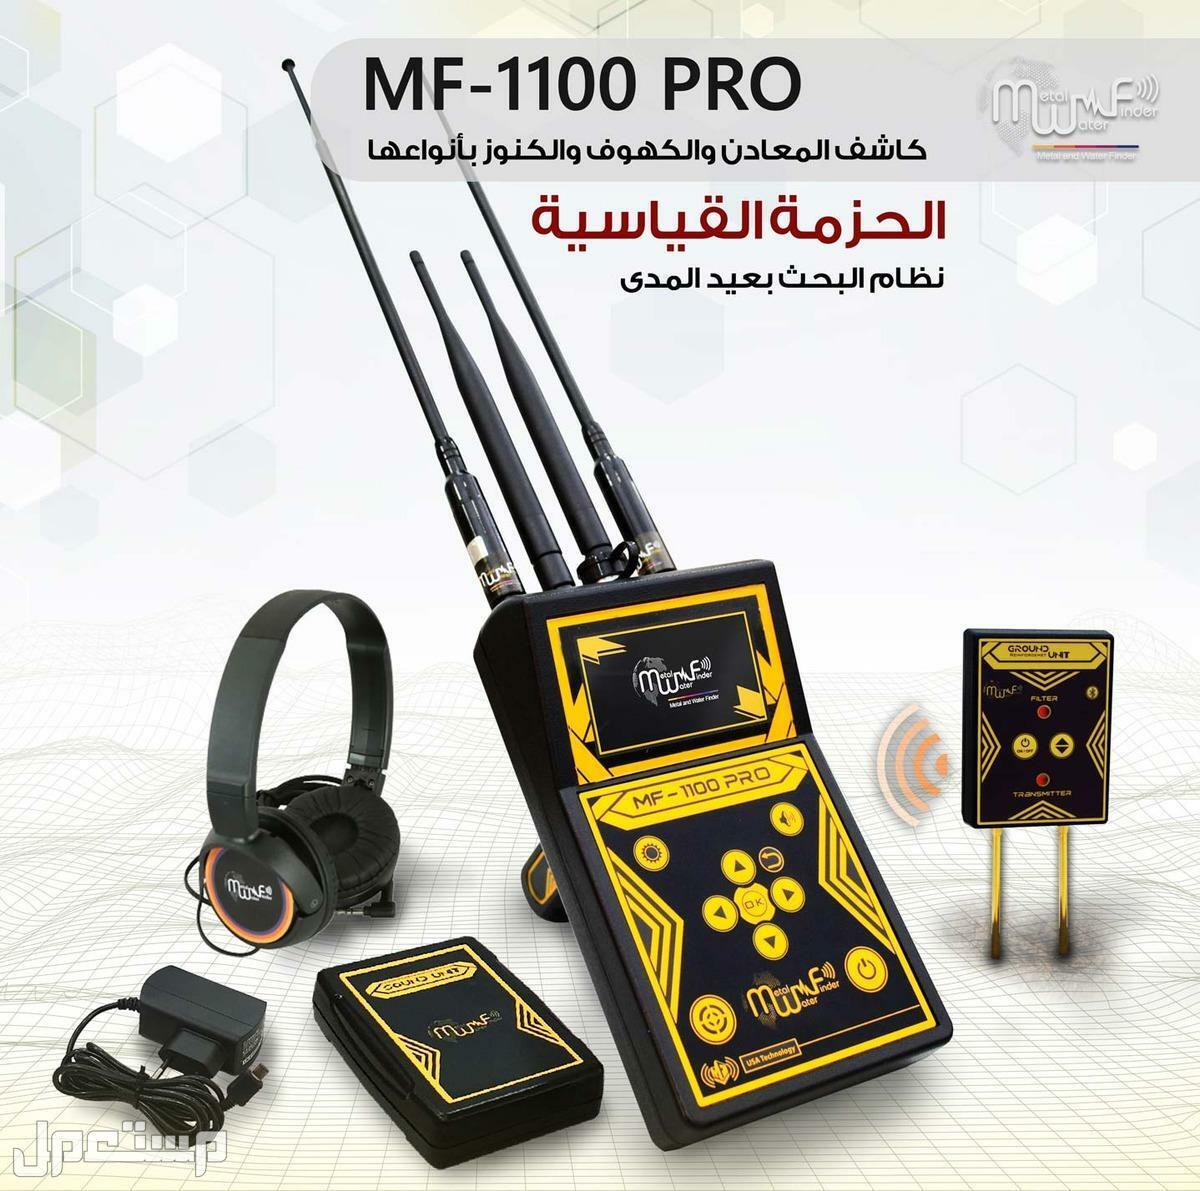 MF1100 PRO جهاز كشف الذهب الأستشعاري المتطور جهاز كشف الذهب MF 1100 PRO المتطور ( الحزمة القياسية )